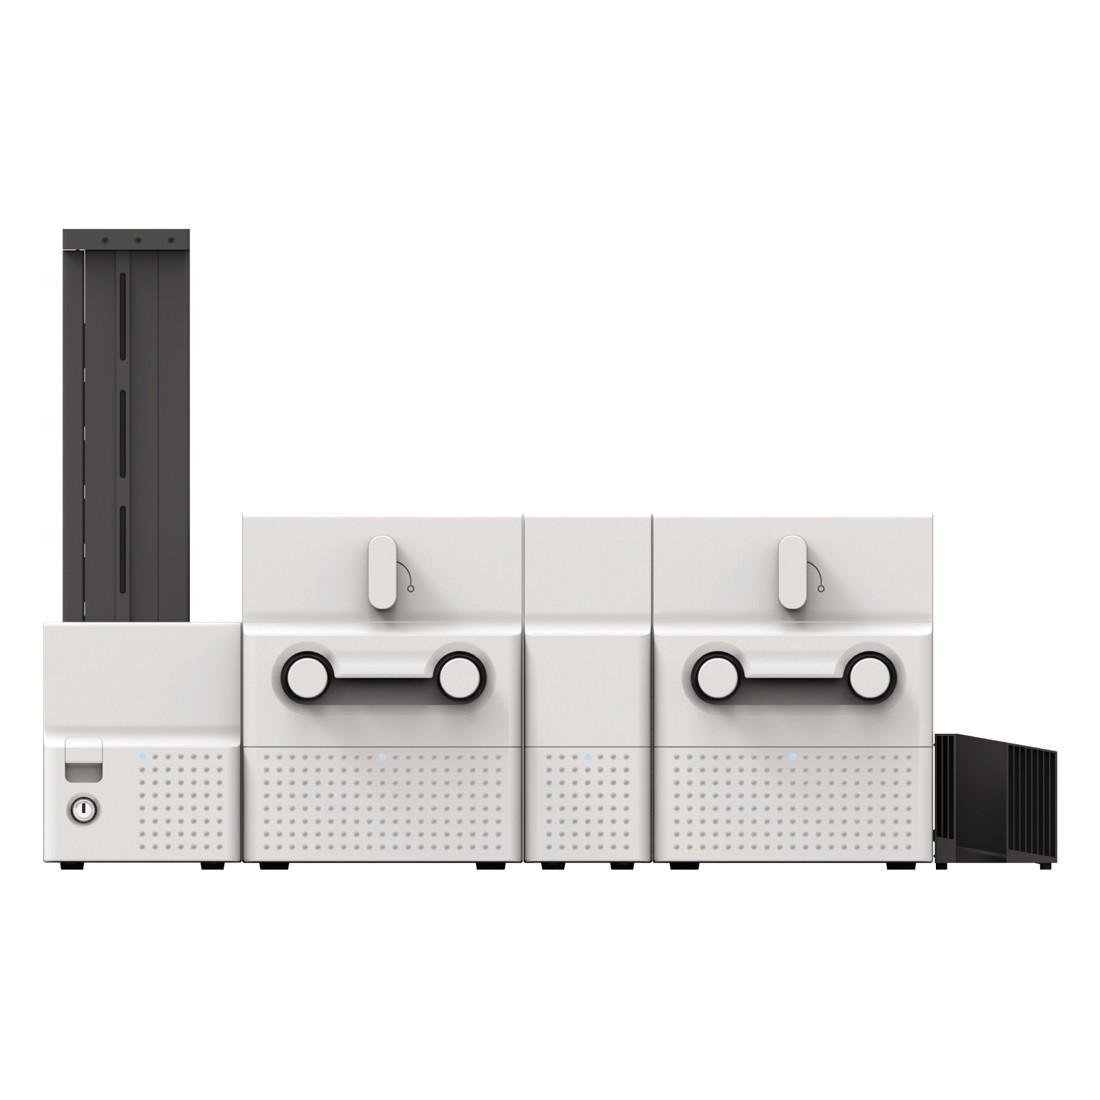 IDP SMART 70 ID Card Printer IPFLS